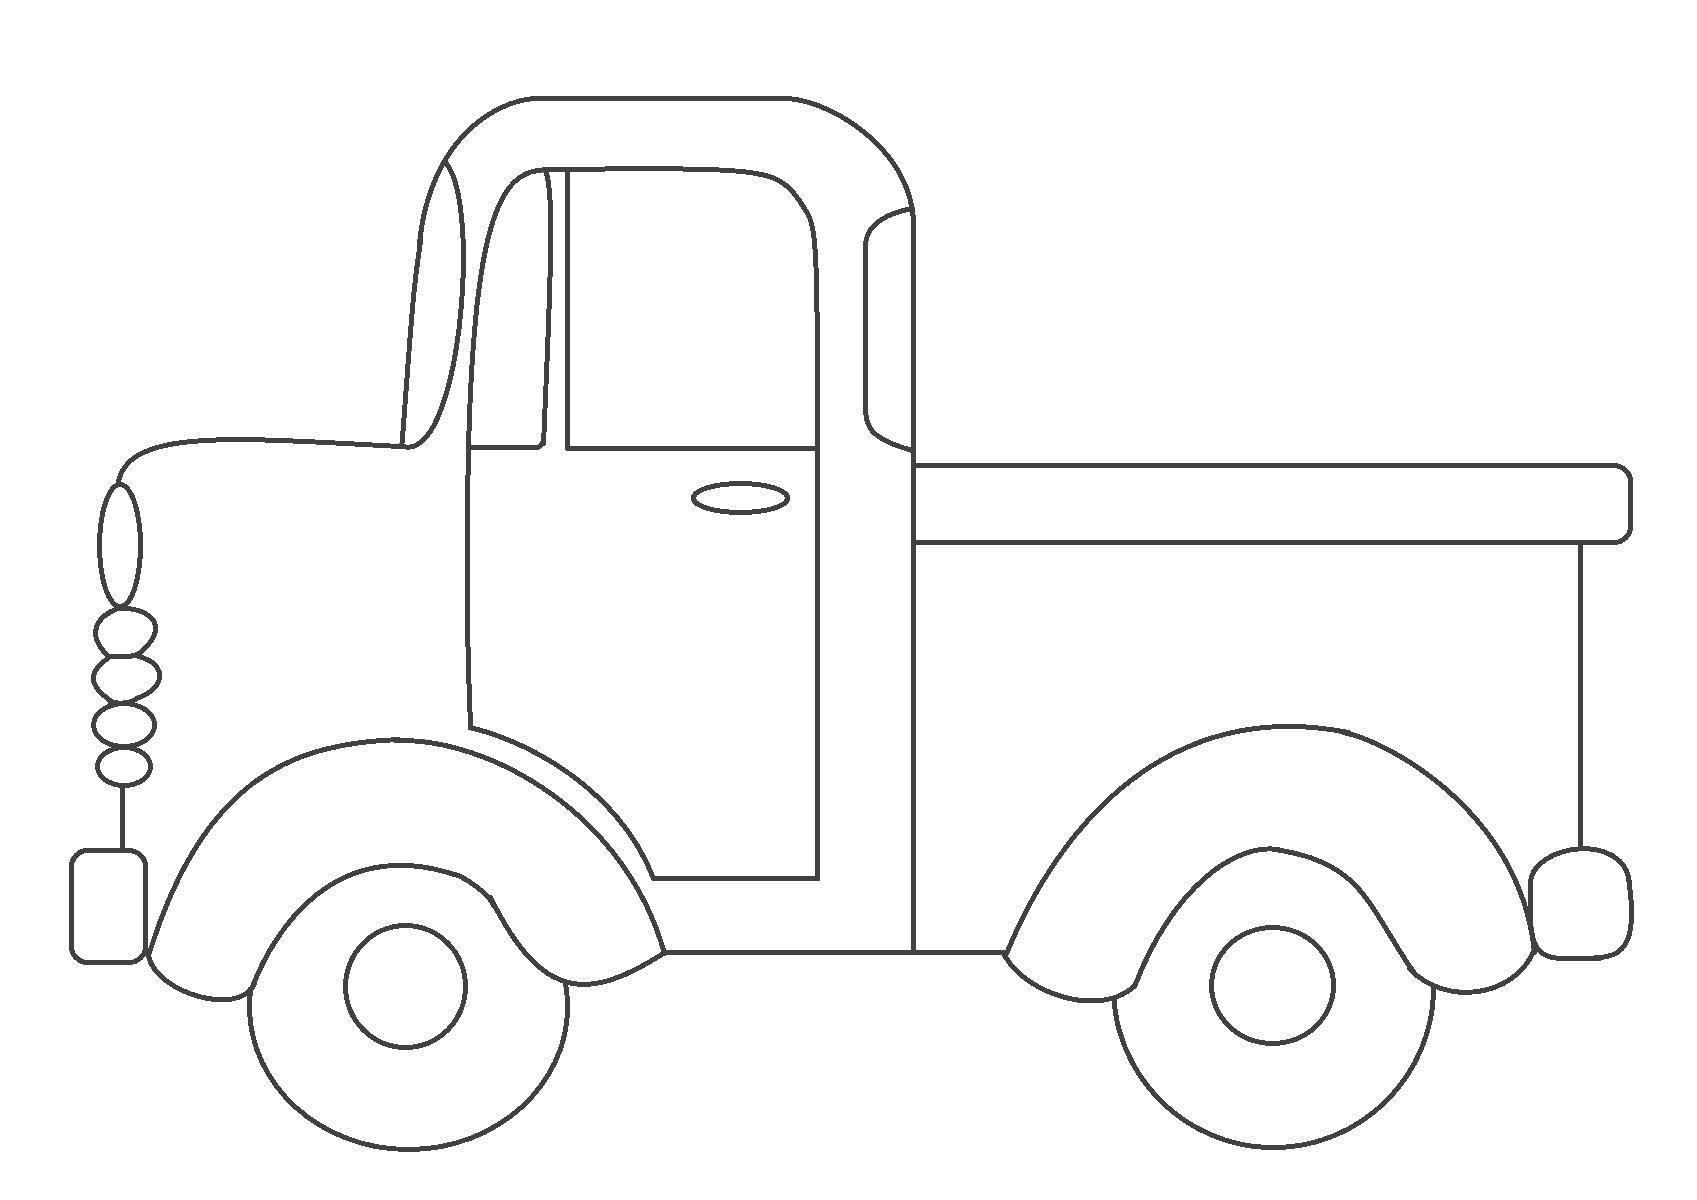 Tranh tô màu xe bán tải đơn giản